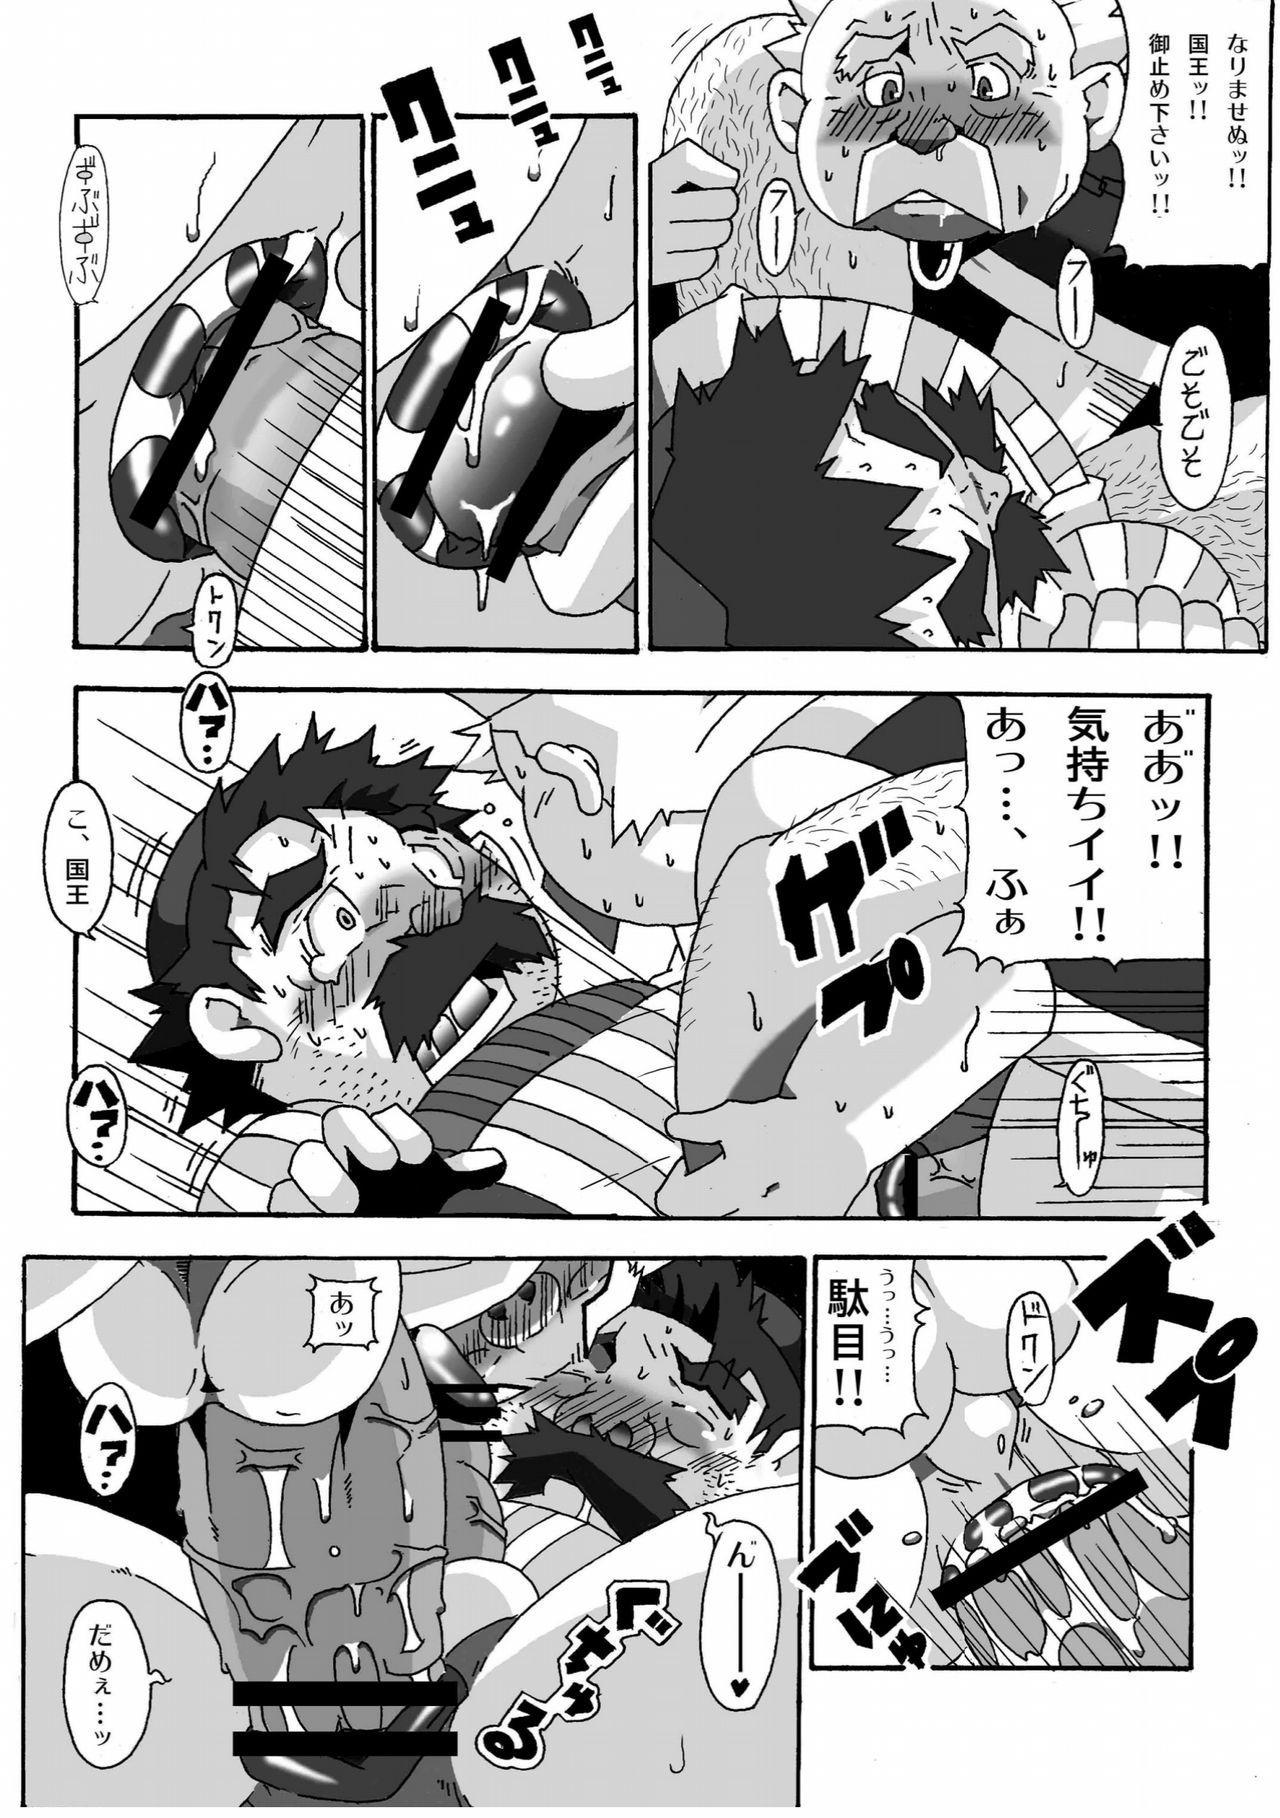 Torneko no Himitsu 13